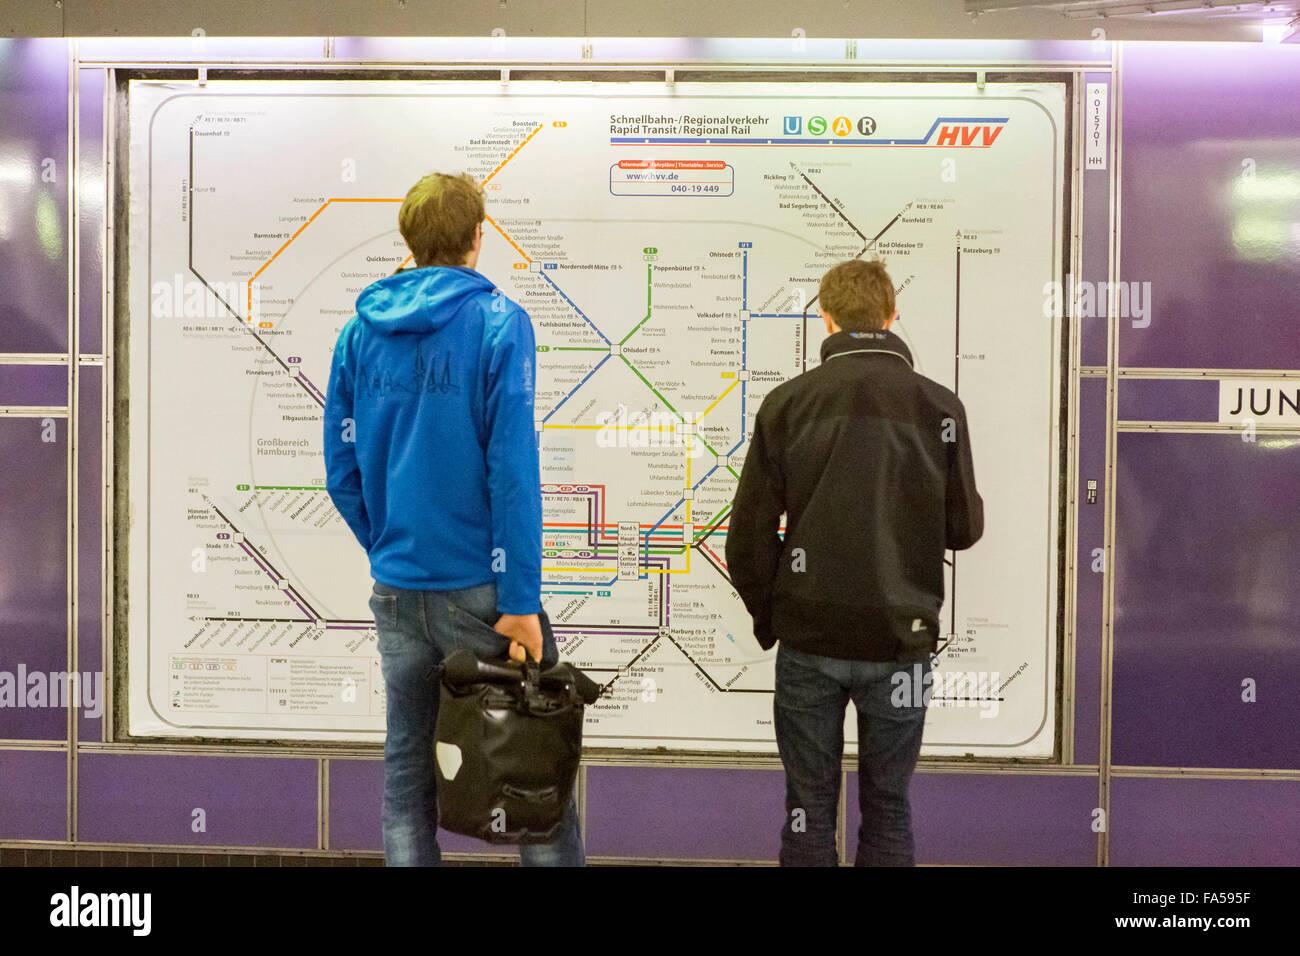 Hamburg Deutschland, Tow Männer betrachten eine Schiene Karte bei einem Hamburger U-Bahn-Bahnhof Stockbild